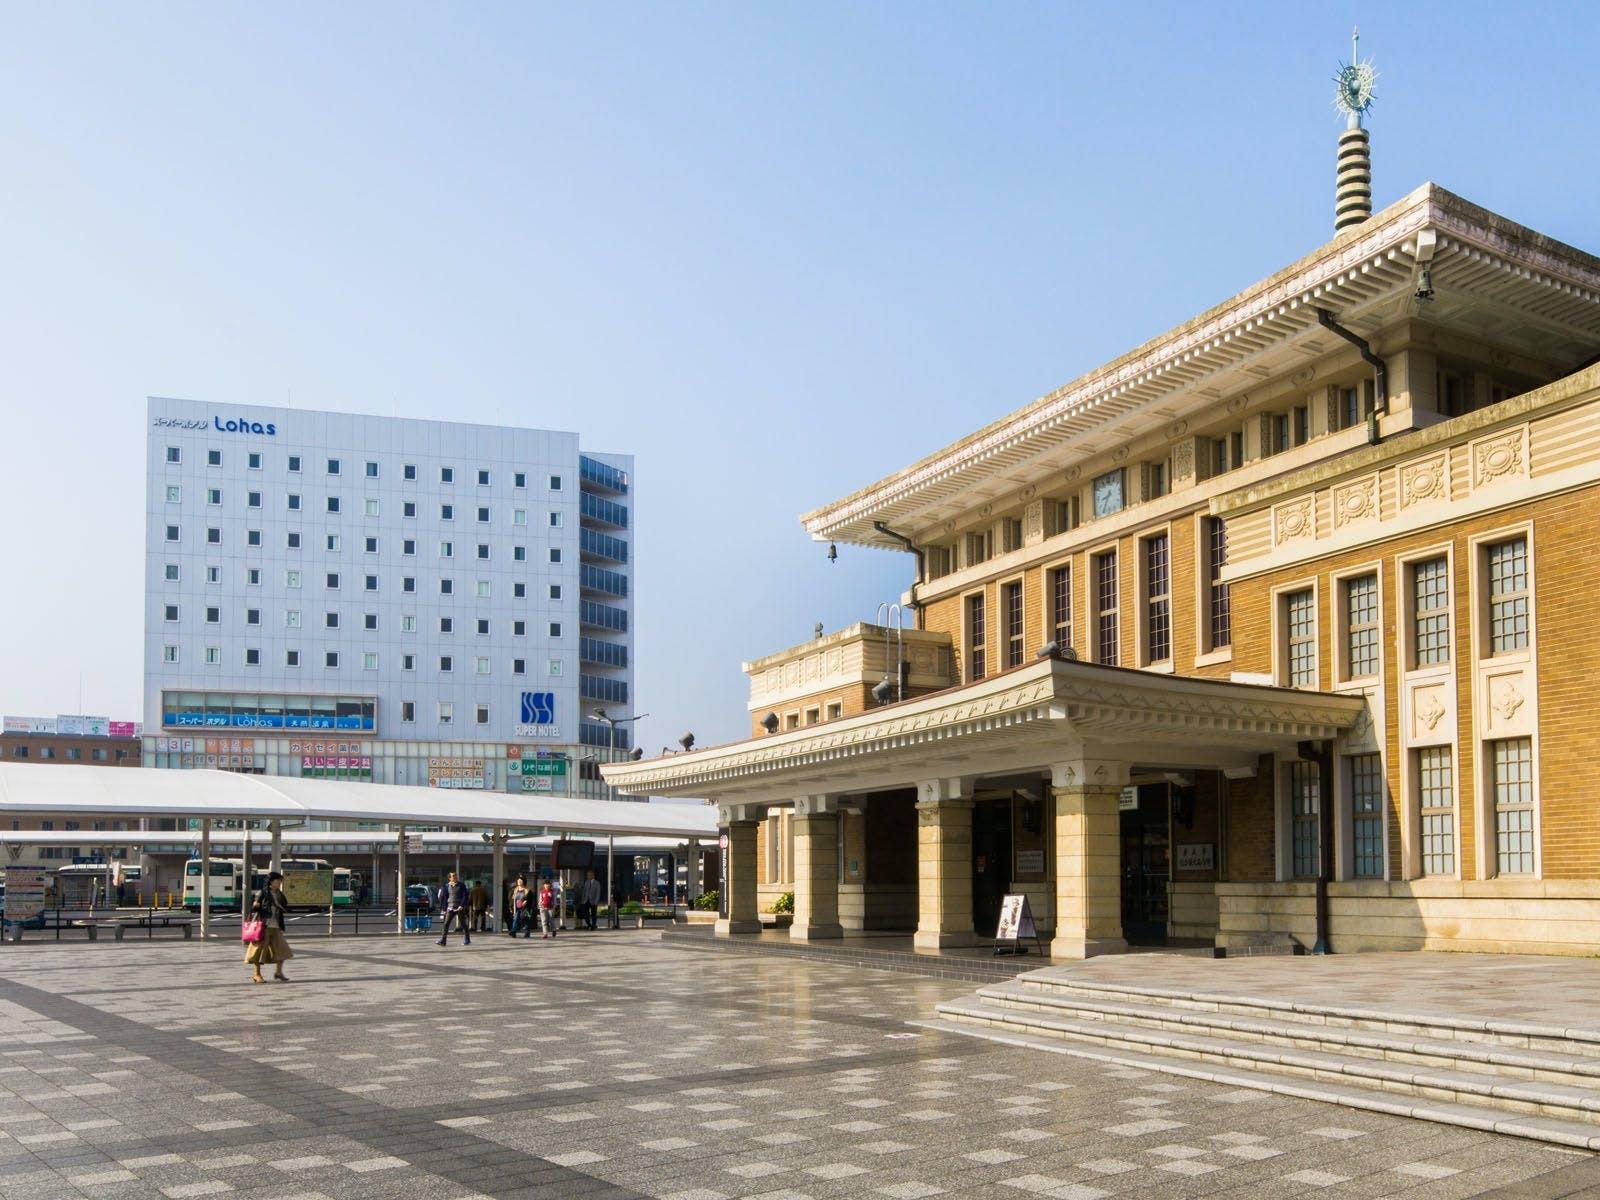 天然温泉 飛鳥の湯 スーパーホテルLohasJR奈良駅